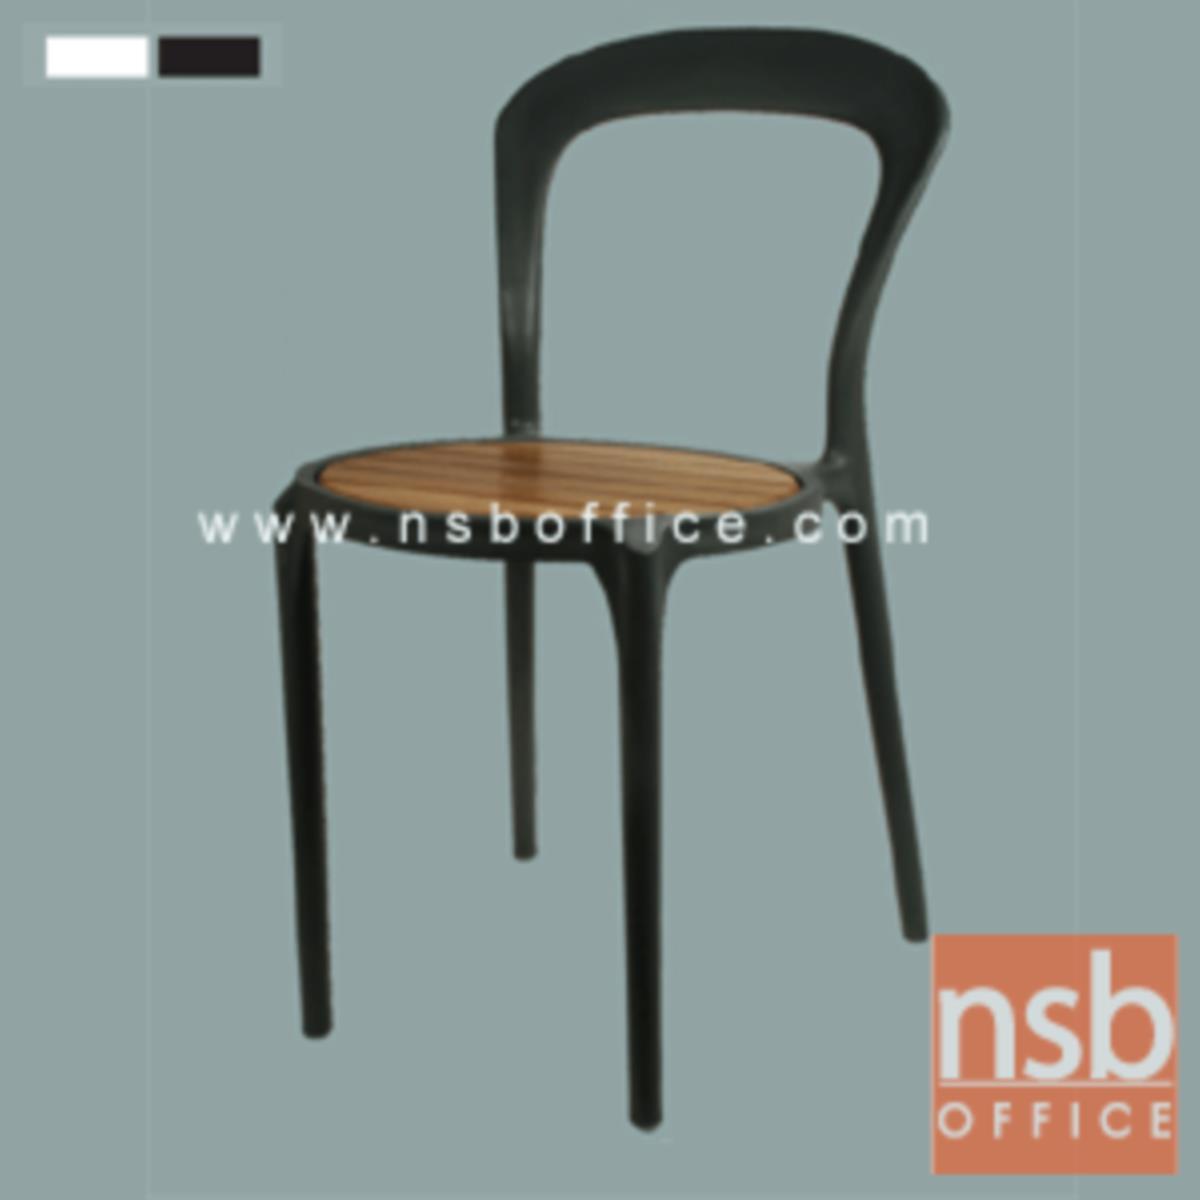 เก้าอี้โมเดิร์นพลาสติกโพลี่(PP)ที่นั่งไม้(LDPE) รุ่น PP9228/1 ขนาด 41.5W cm.